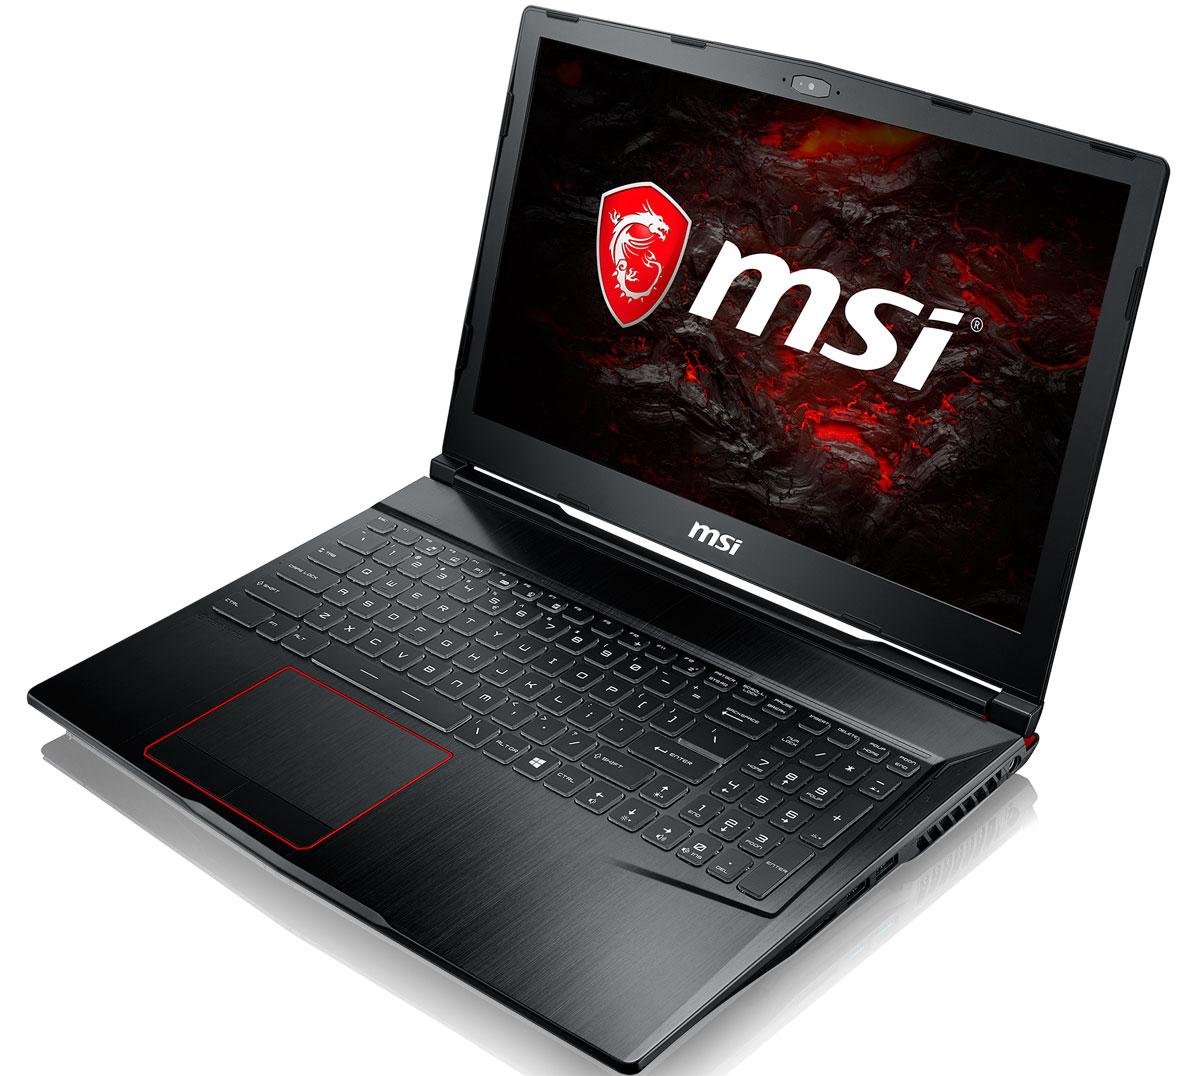 MSI GE63VR 7RF-056RU, BlackGE63VR 7RF-056RUMSI GE63VR 7RF - первый в мире ноутбук с независимой RGB-подсветкой клавиш и игровой клавиатурой Steelseries.Благодаря независимой подсветке клавиш вы сможете контролировать игровую статистику (уровень боекомплекта, здоровья, прочность инструмента и т.д.) прямо на клавиатуре и реагировать на действия соперников быстрее. Каждый нюанс этой клавиатуры продуман под профессионального геймера.Эргономичный дизайн, ход клавиш 1.9 мм, ясный отклик, оптимальная зона WASD, anti-ghosting для 45 клавиш и механическая защита делают клавиатуры ноутбуков MSI Gaming самыми удобными и надёжными в индустрии.Новейшая технология MSI Cooler Boost 5 отличается 2-мя модулями охлаждения, 2-мя вентиляторами Whirlwind Blade, 7-ю тепловыми трубками и 4-мя направлениями выхлопа. Интенсивность и эффективность отвода тепла оптимально согласованы с мощью установленных компонентов. Это позволило достичь повышенной производительности и сниженной температуры видеокарты уровня GTX 1070.Новые гигантские динамики в составе первоклассной акустической системы Dynaudio позволят ощутить рёв моторов, взрывы и падения зданий в игре как никогда явственно. 2 динамика + 2 вуфера в независимых резонансных камерах создают невероятно реалистичное звучание аудиоэффектов.Стильный шлифованный алюминиевый корпус прекрасно подчёркивает эстетику и мощь этой игровой машины.По ожиданиям экспертов производительность новой GeForce GTX 1070 должна более чем на 40% превысить показатели графических карт GeForce GTX 900M Series. Благодаря инновационной системе охлаждения Cooler Boost и специальным геймерским технологиям, применённым в игровых ноутбуках MSI Gaming, графическая карта новейшего поколения NVIDIA GeForce GTX 1070 сможет продемонстрировать всю свою мощь без остатка.Являясь единственными игровыми ноутбуками с дисплеем 120Гц/3мс, серия GE станет твоим надёжным компаньоном, который не даст упустить ни одной детали во время динамичного геймплея. Частота обновления экрана 12 Гц и 